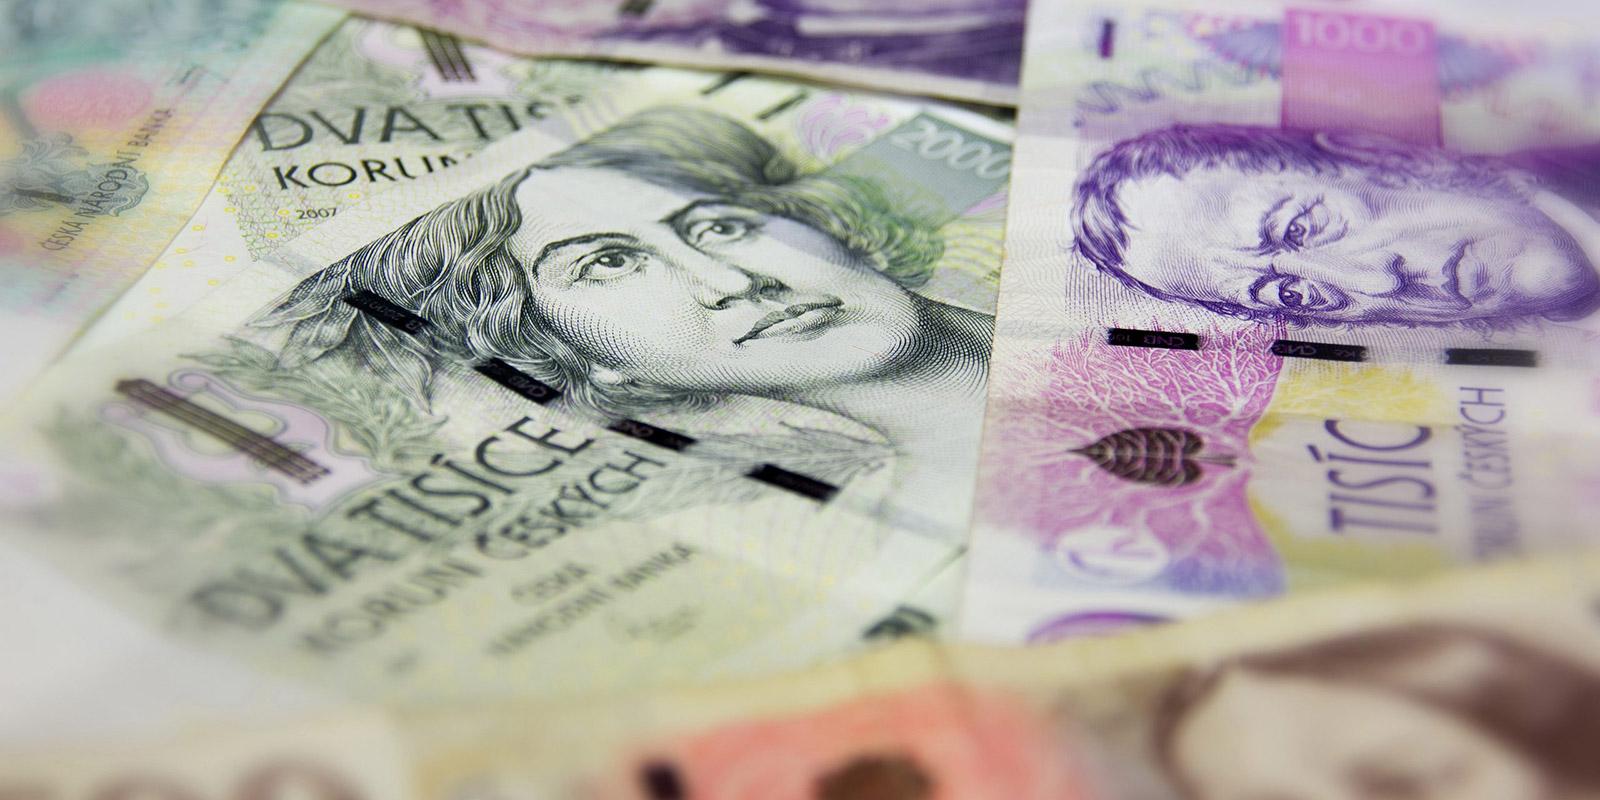 Léto 2020: Aktuální přehled nebankovních poskytovatelů, kteří nabízí první úvěr zdarma